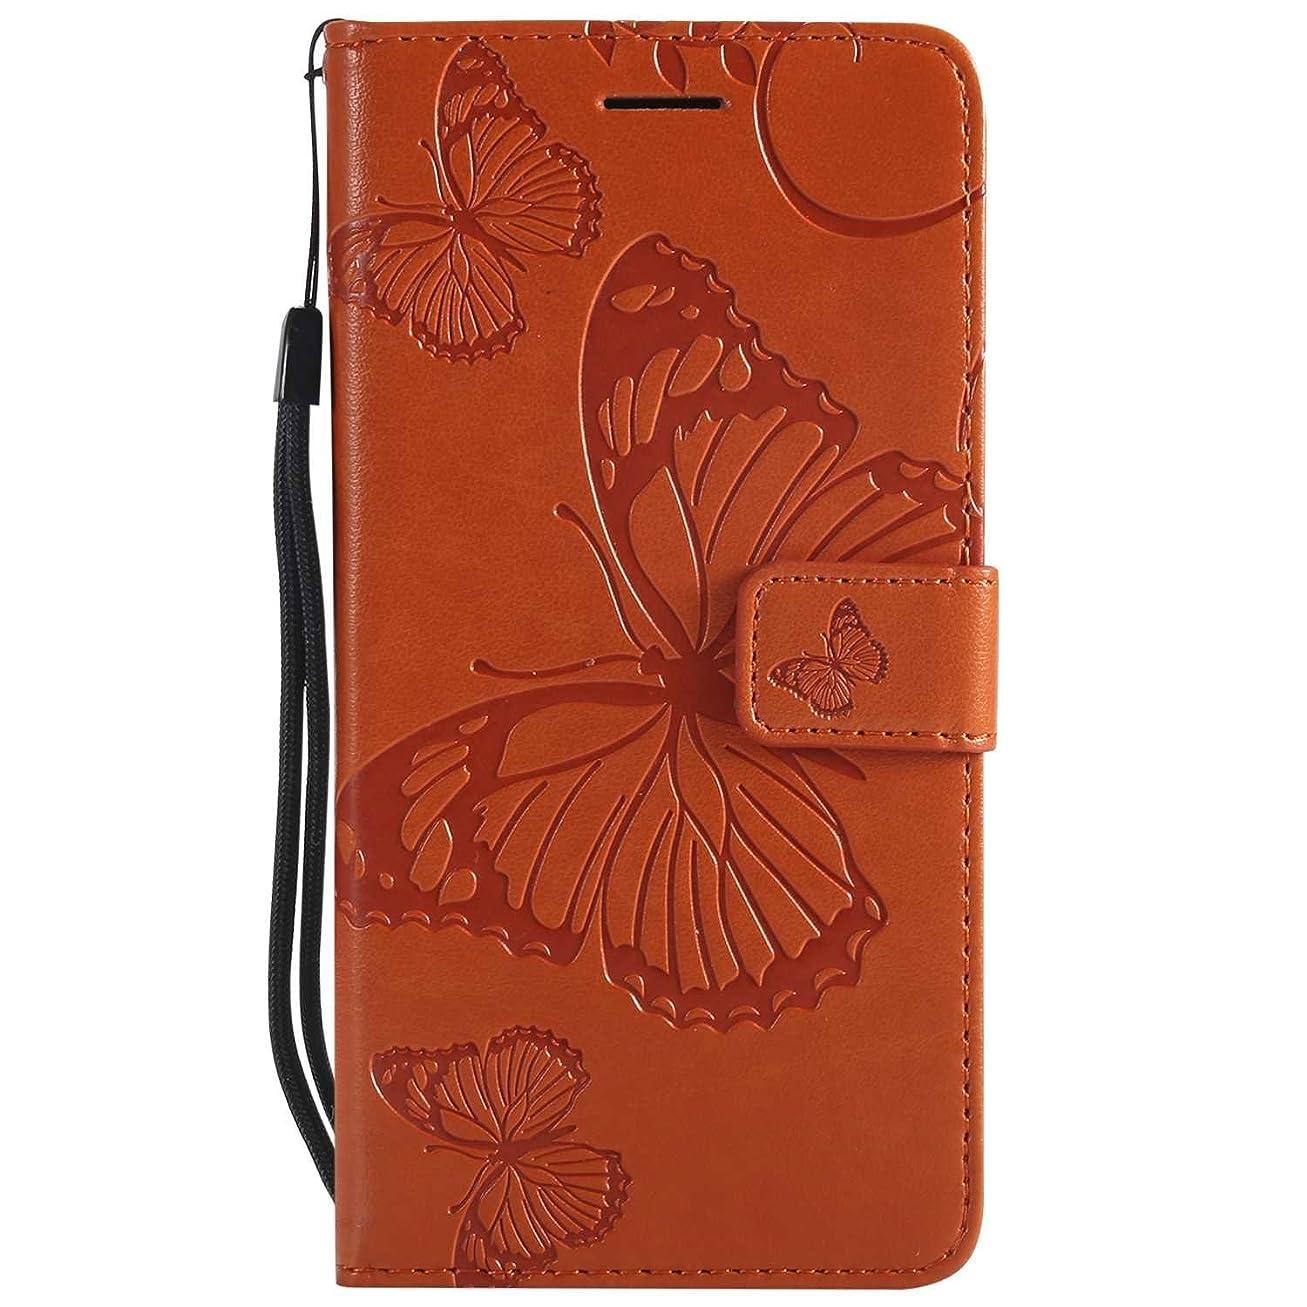 再発するとても多くのせせらぎCUSKING Huawei P10 Lite ケース Huawei P10 Lite カバー ファーウェイ 手帳ケース カードポケット スタンド機能 蝶柄 スマホケース かわいい レザー 手帳 - オレンジ